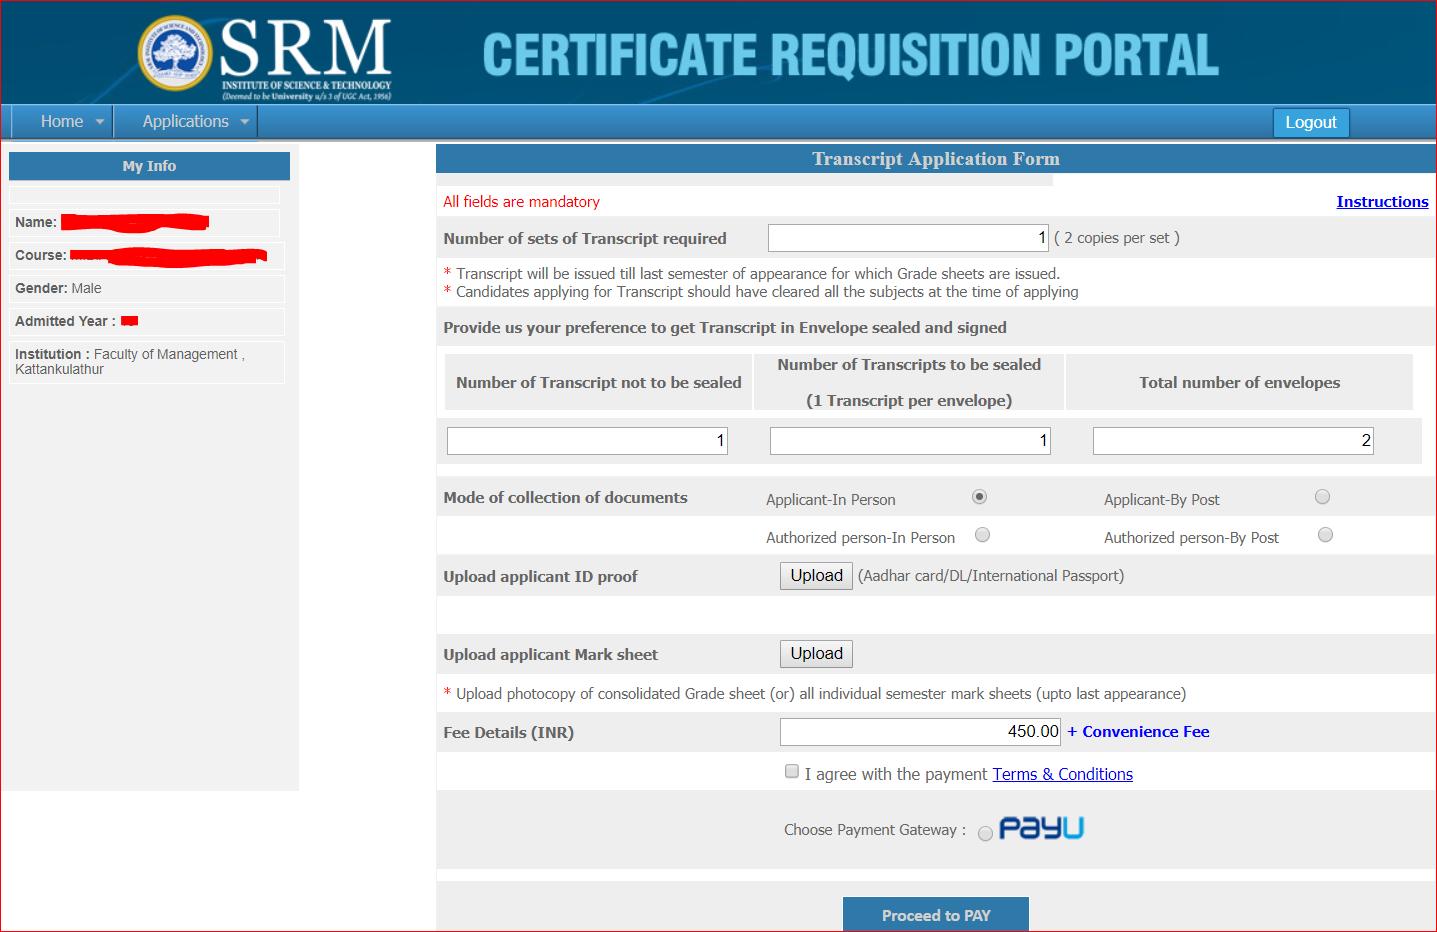 WES - Transcript Application process for SRM university